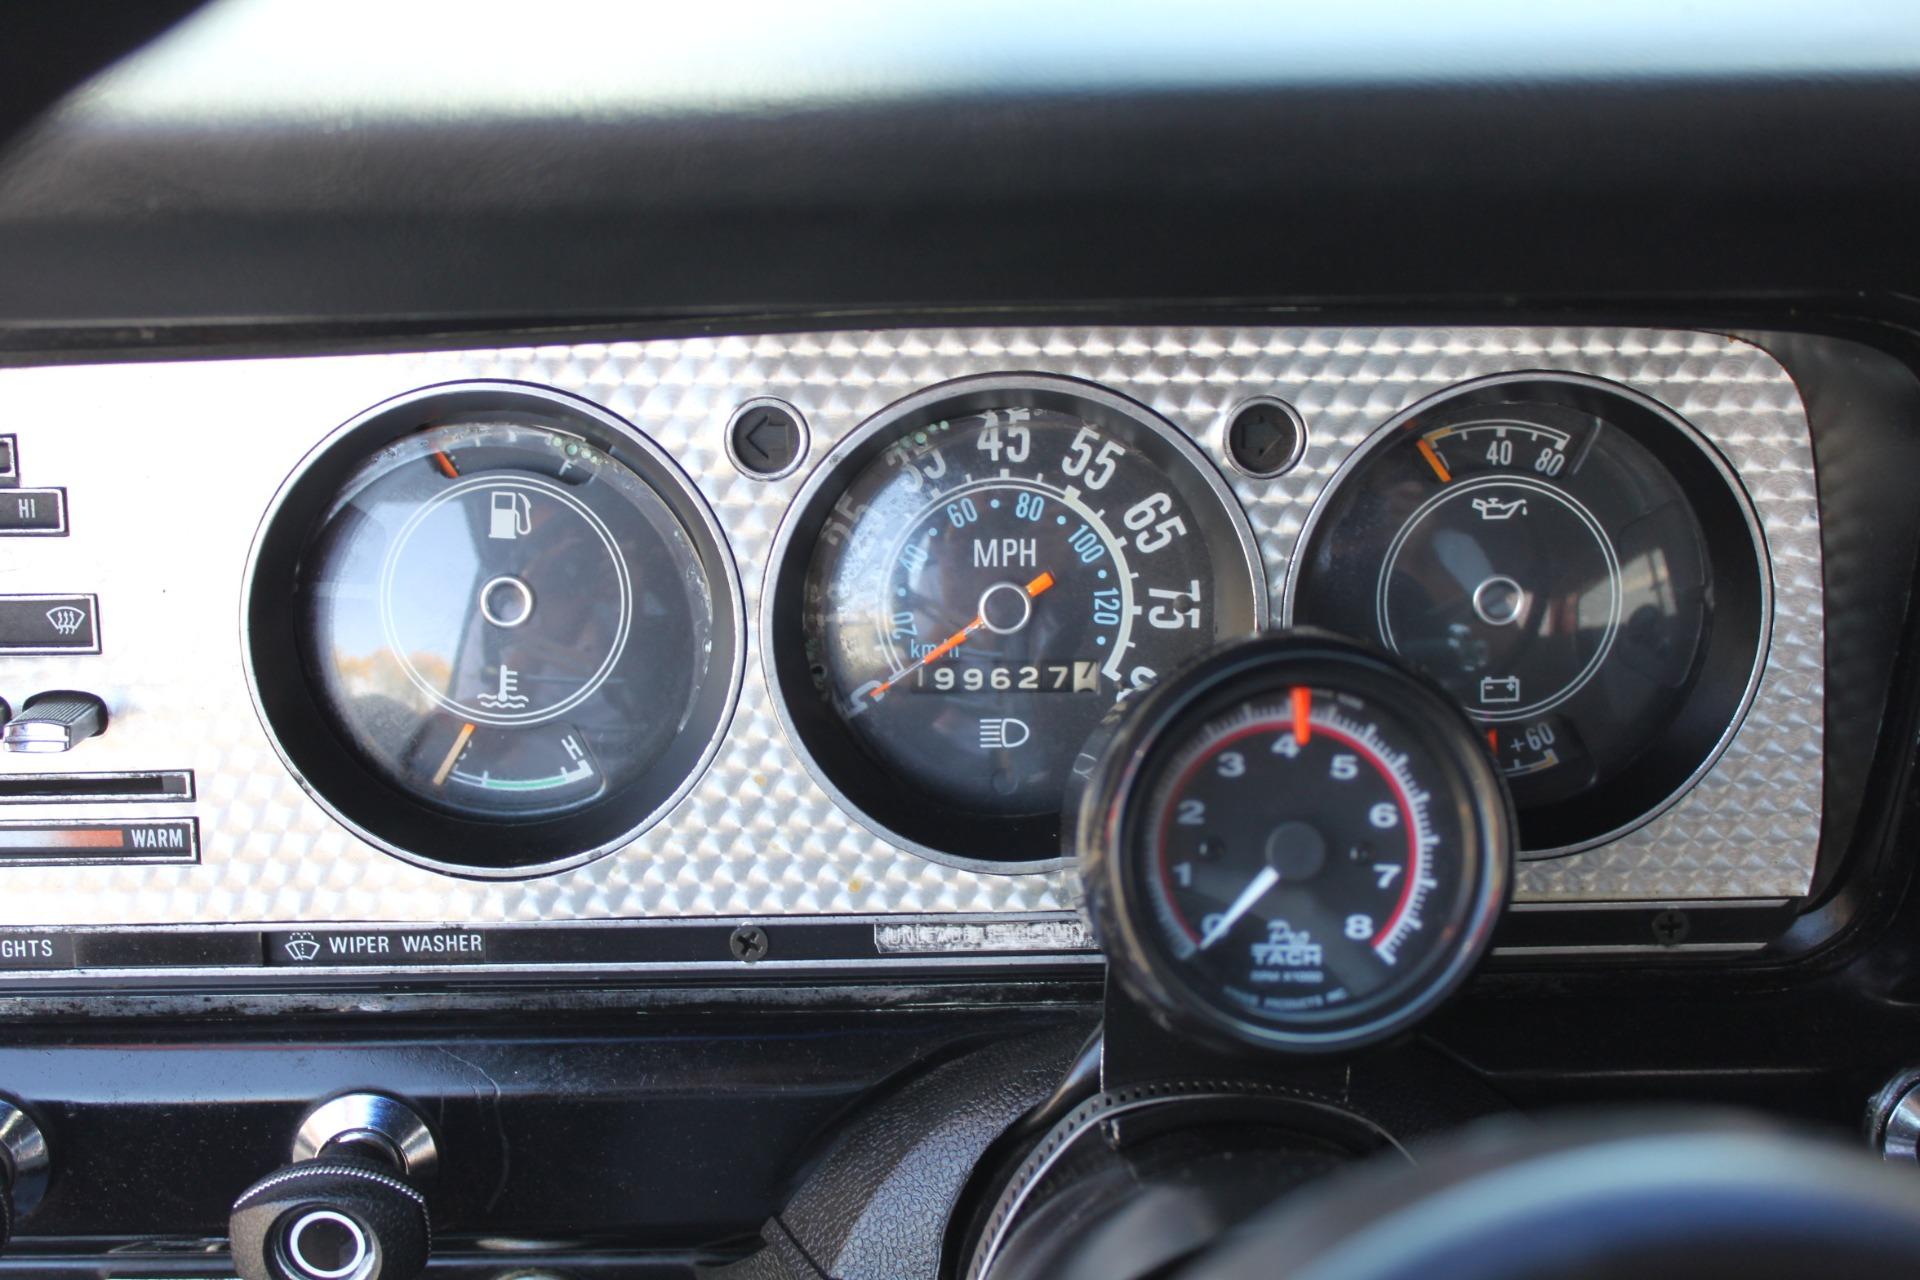 Used-1983-Jeep-Cherokee-4WD-Chief-Grand-Wagoneer